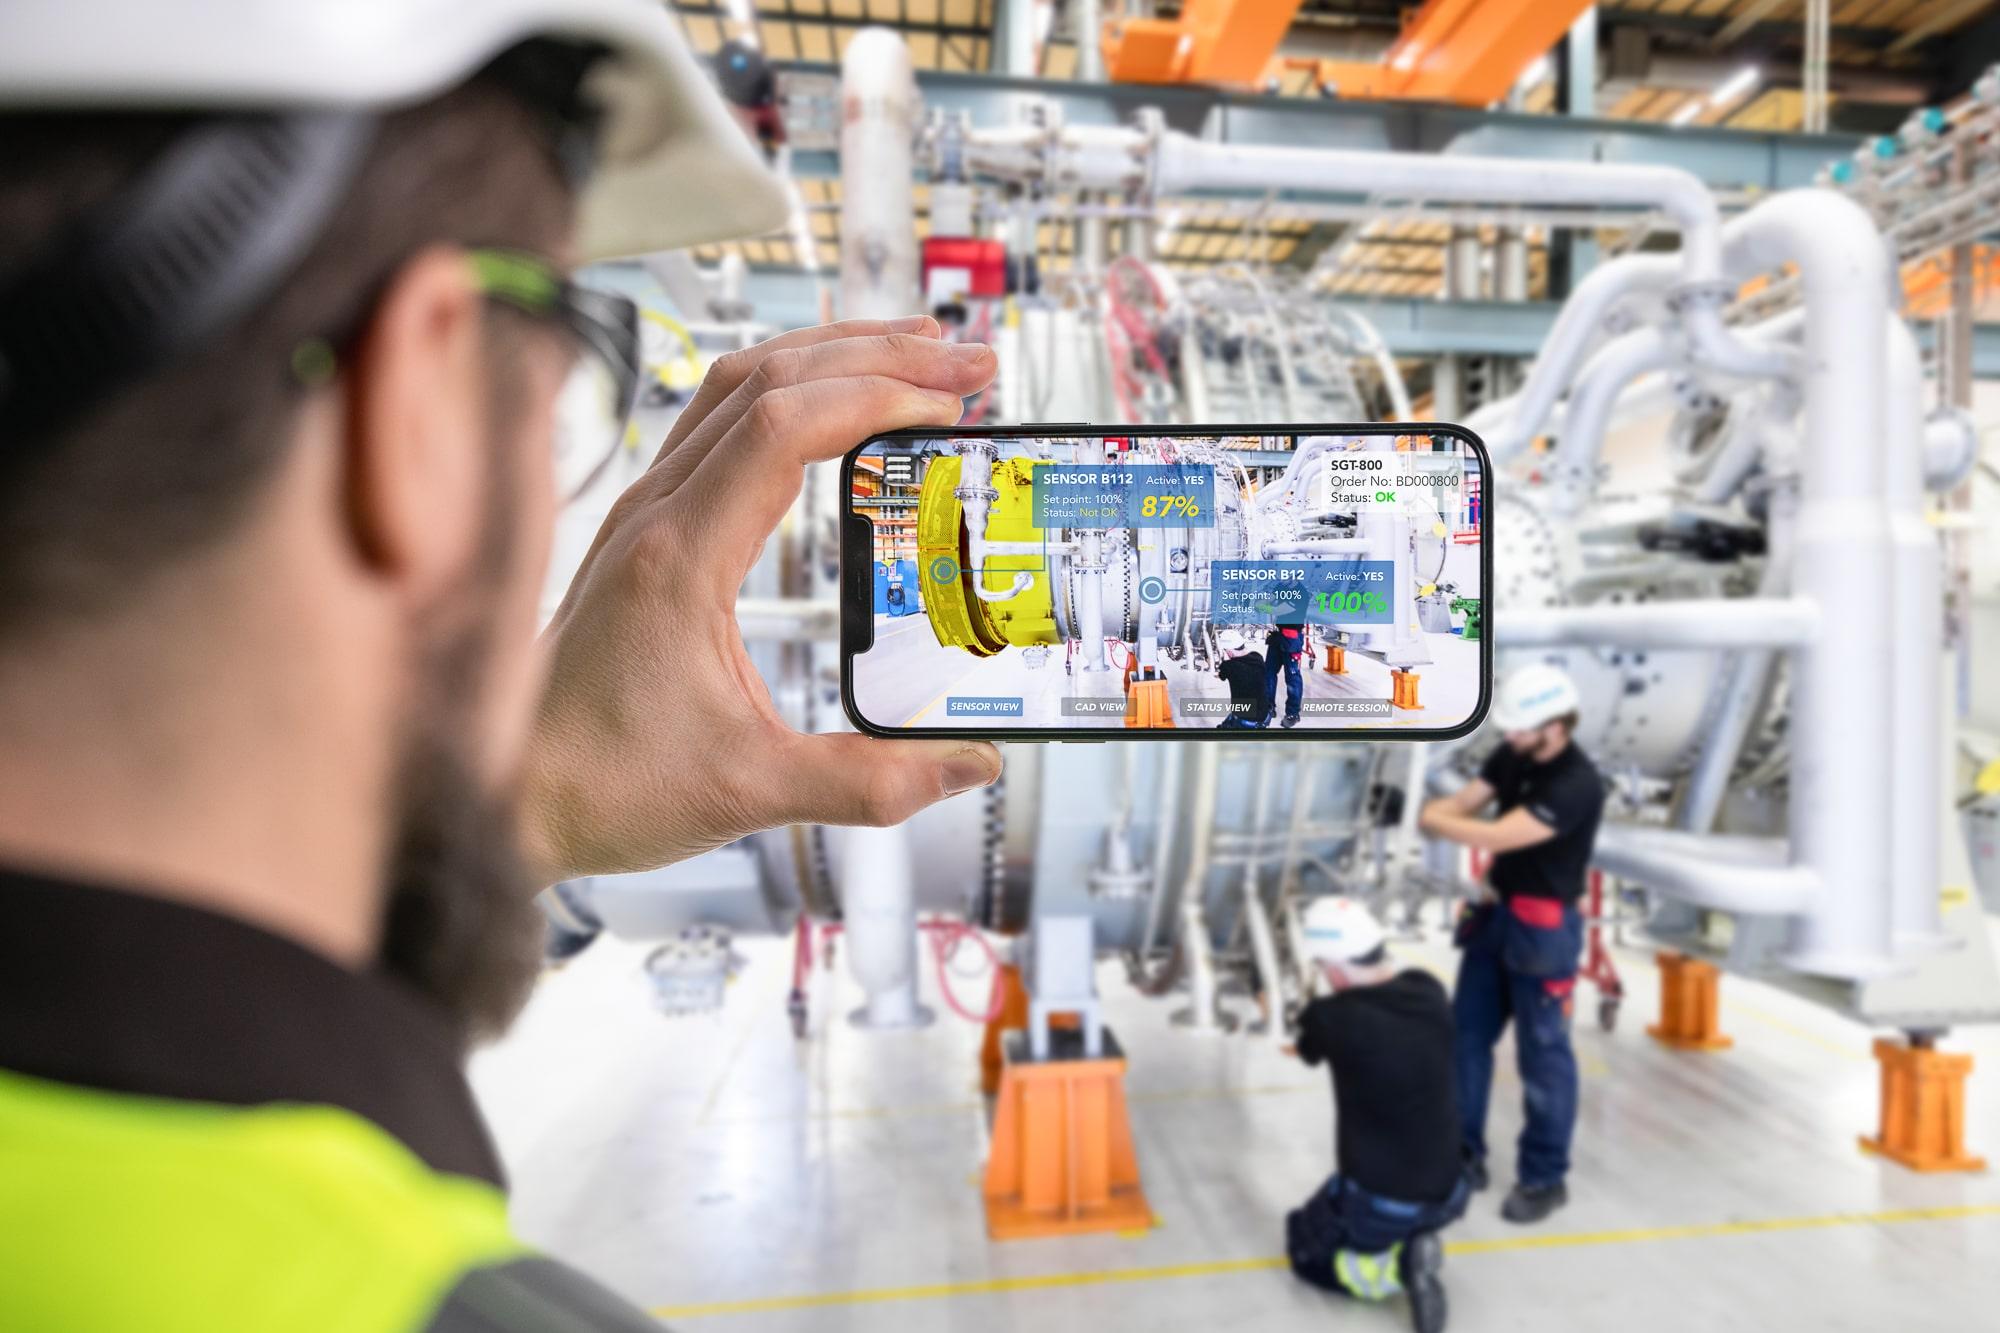 Siemens Energy ser att AR erbjuder stora möjligheter till effektivisering av deras verksamhet, t.ex. via intuitiv träning/instruktioner och förbättrad distanssupport både internt och externt. Bilden visar ett exempel på hur en operatör enkelt kan avläsa data från sensorer placerade på en gasturbin i produktion. Illustration : Fotograf Ristenstrand / Siemens Energy.